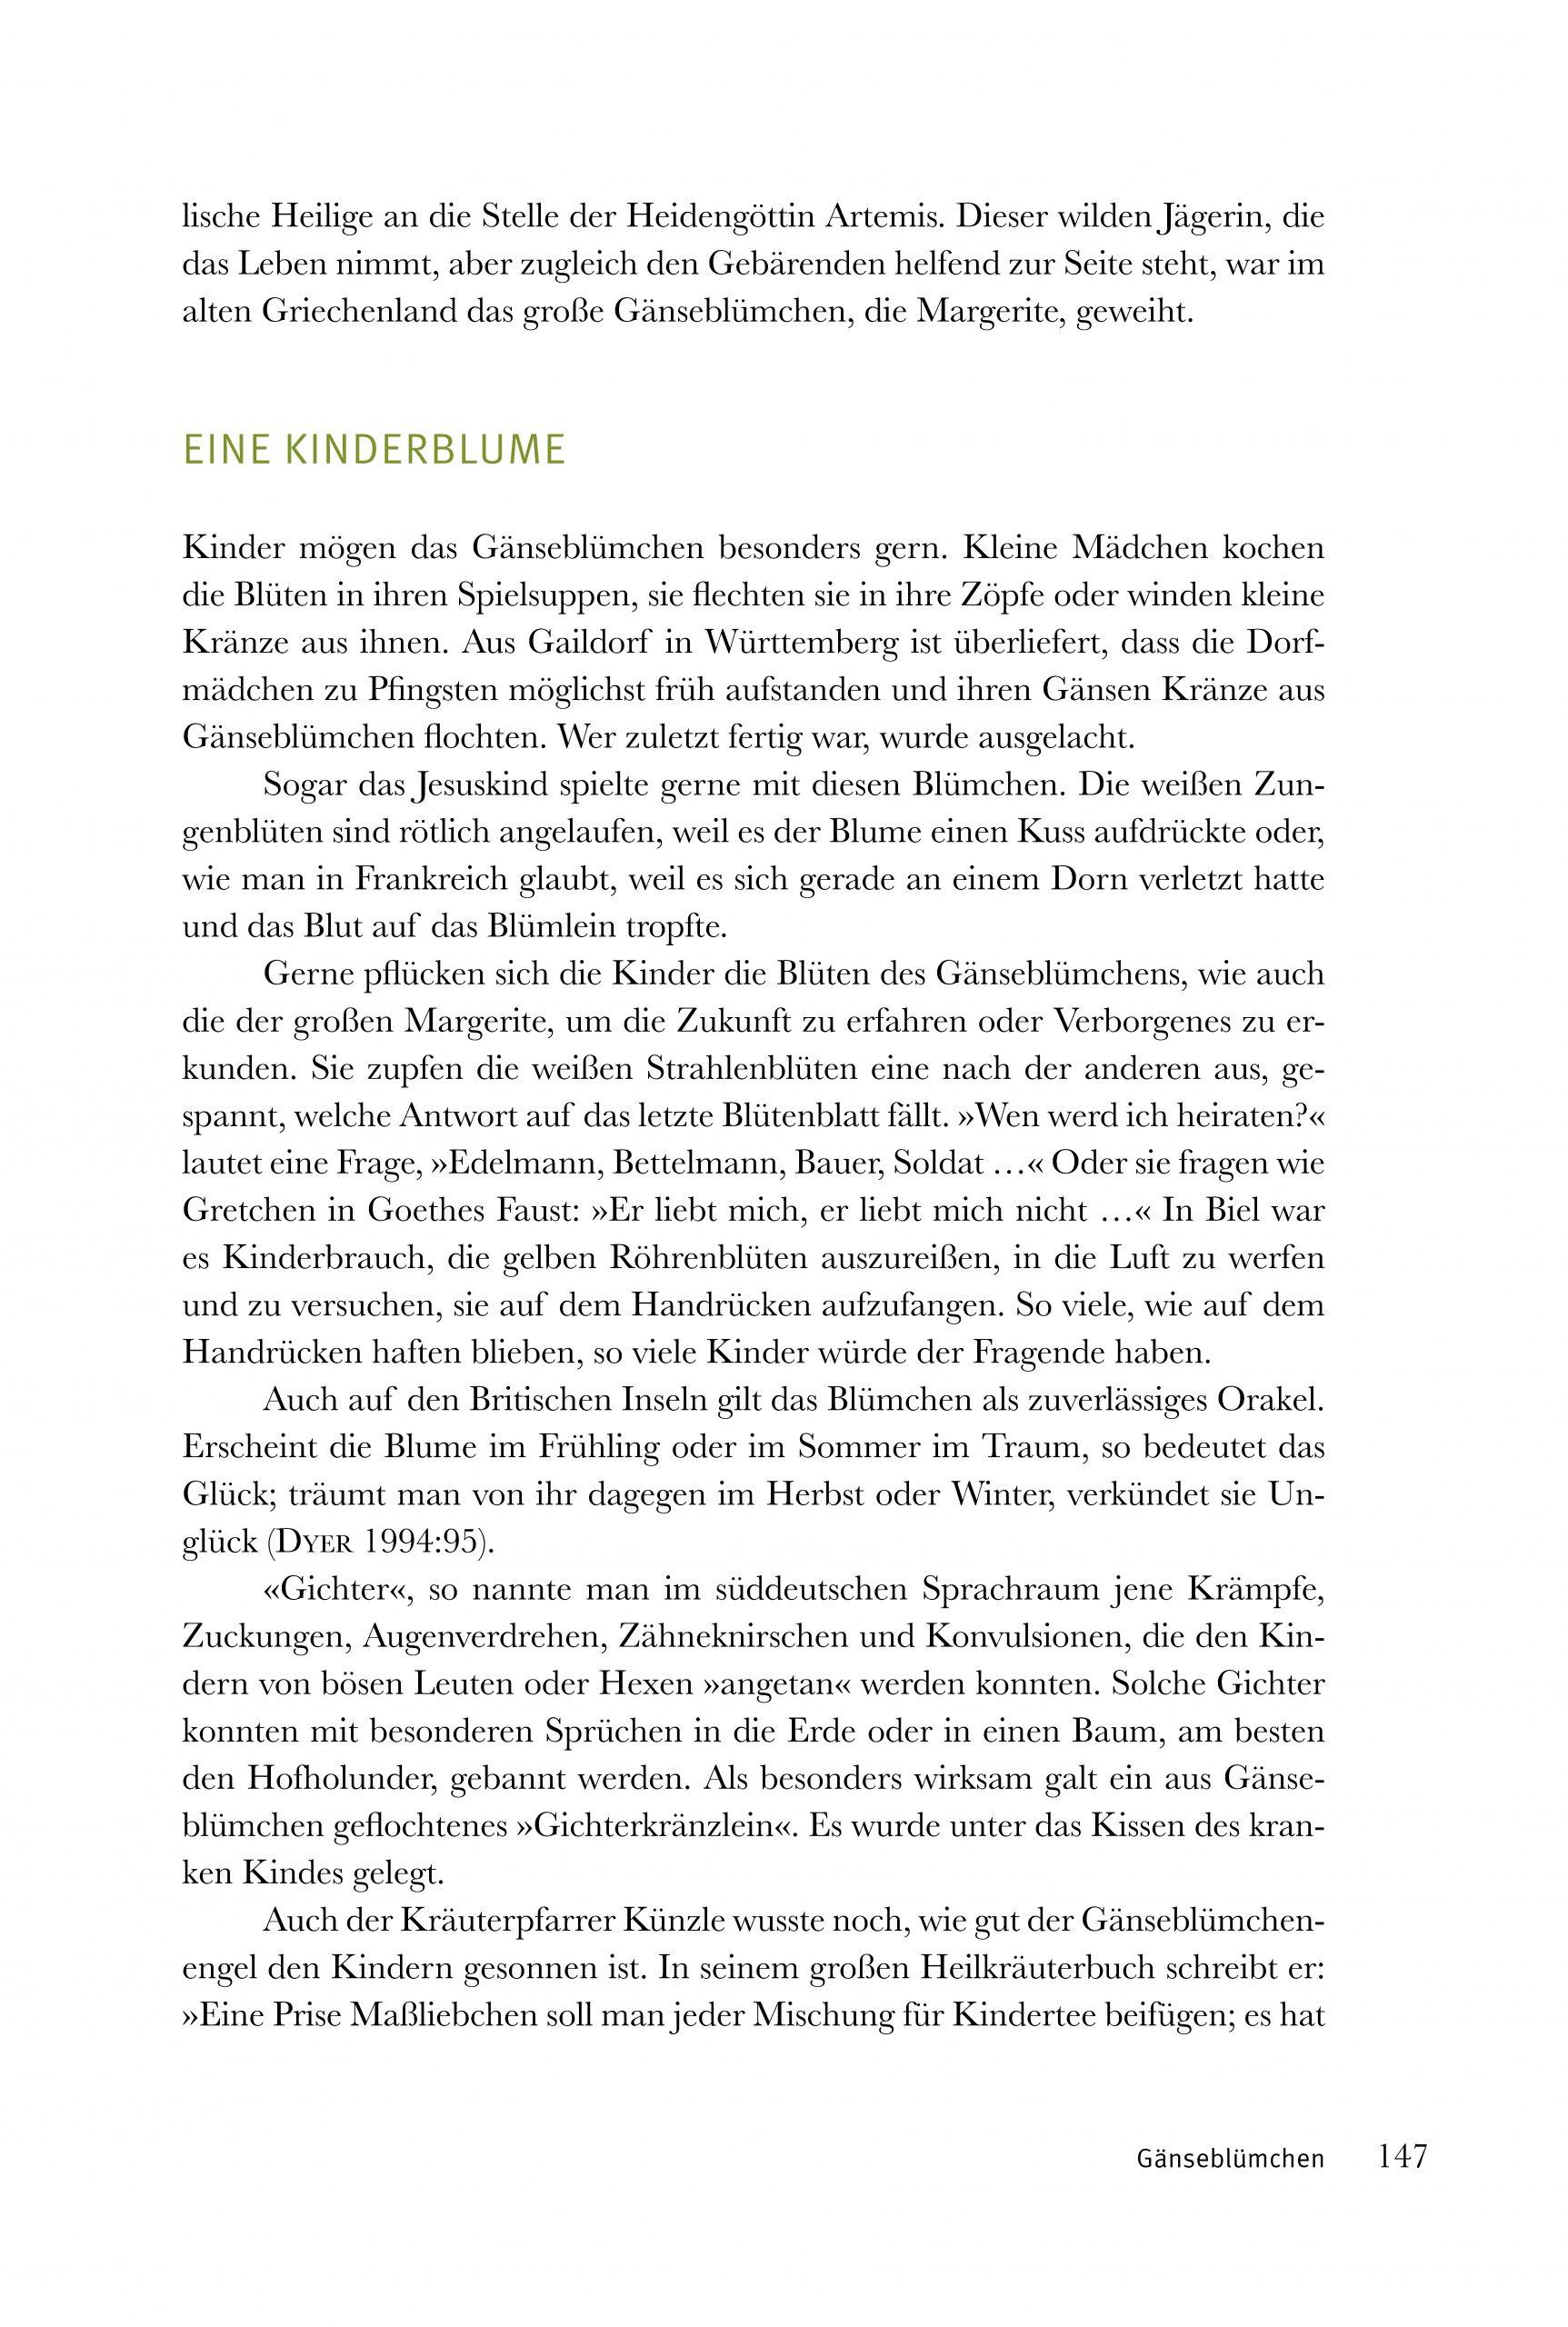 Heilkräuter_und_Zauberpflanzen_Look_Inside_Seite_15